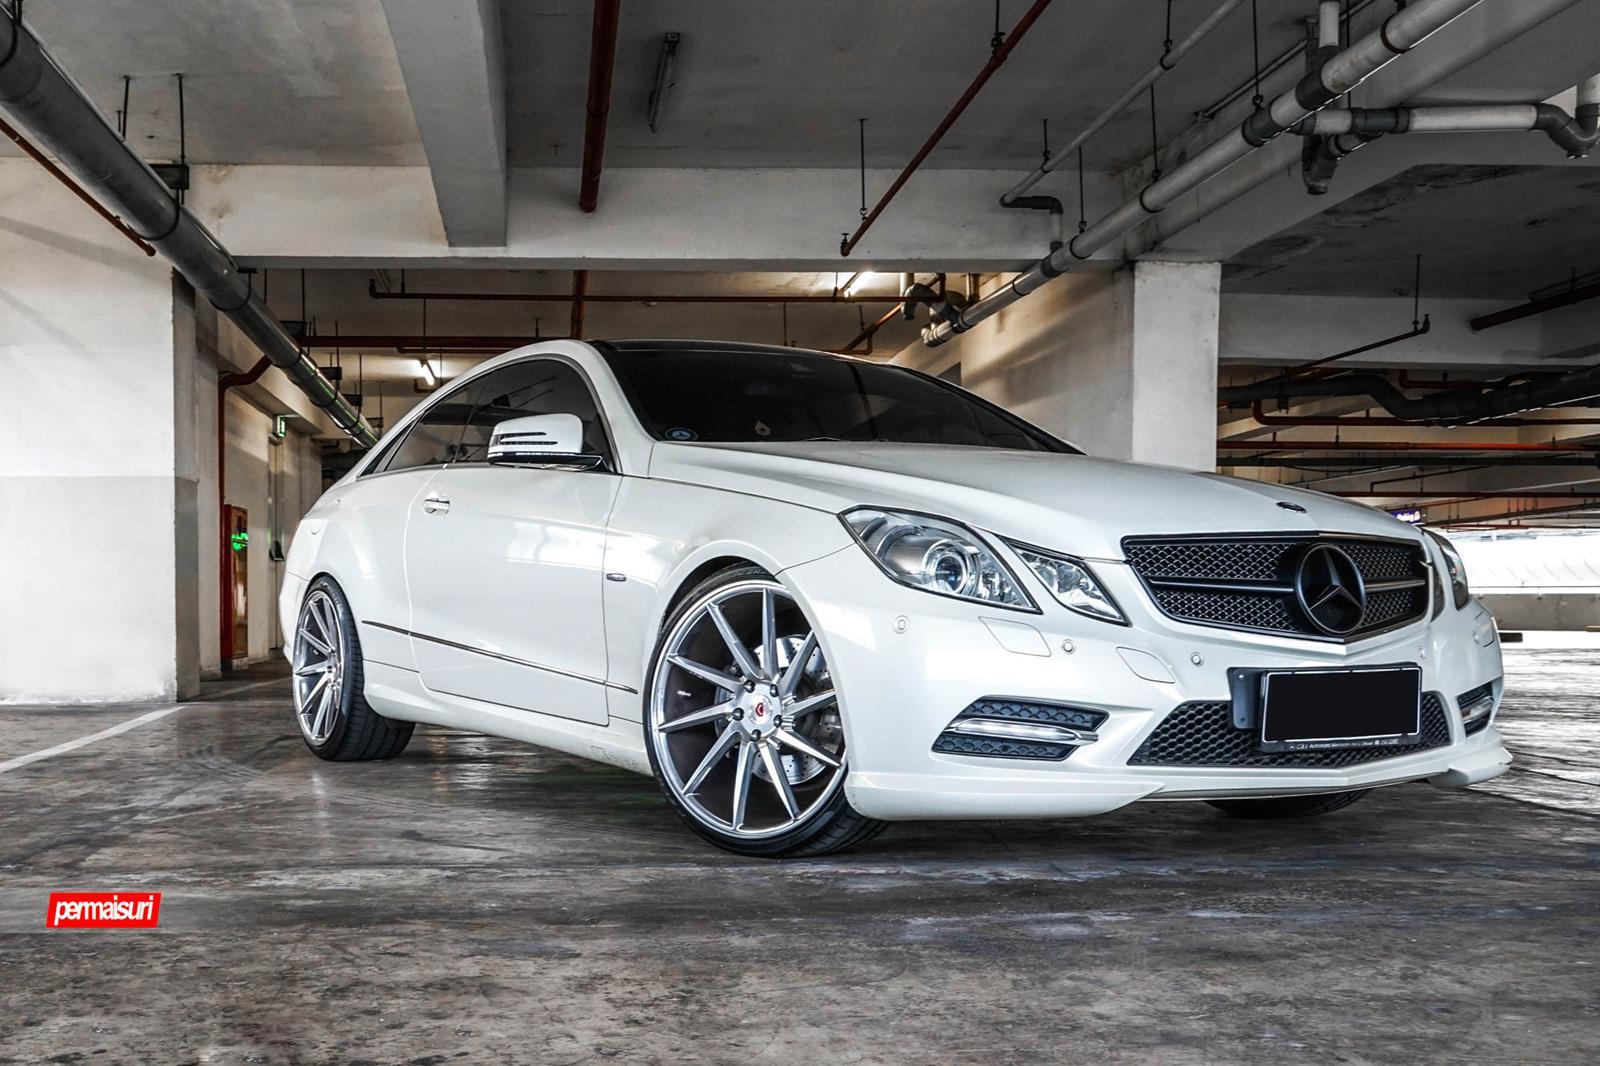 Mercedes benz e class vossen forged precision series for Voss mercedes benz